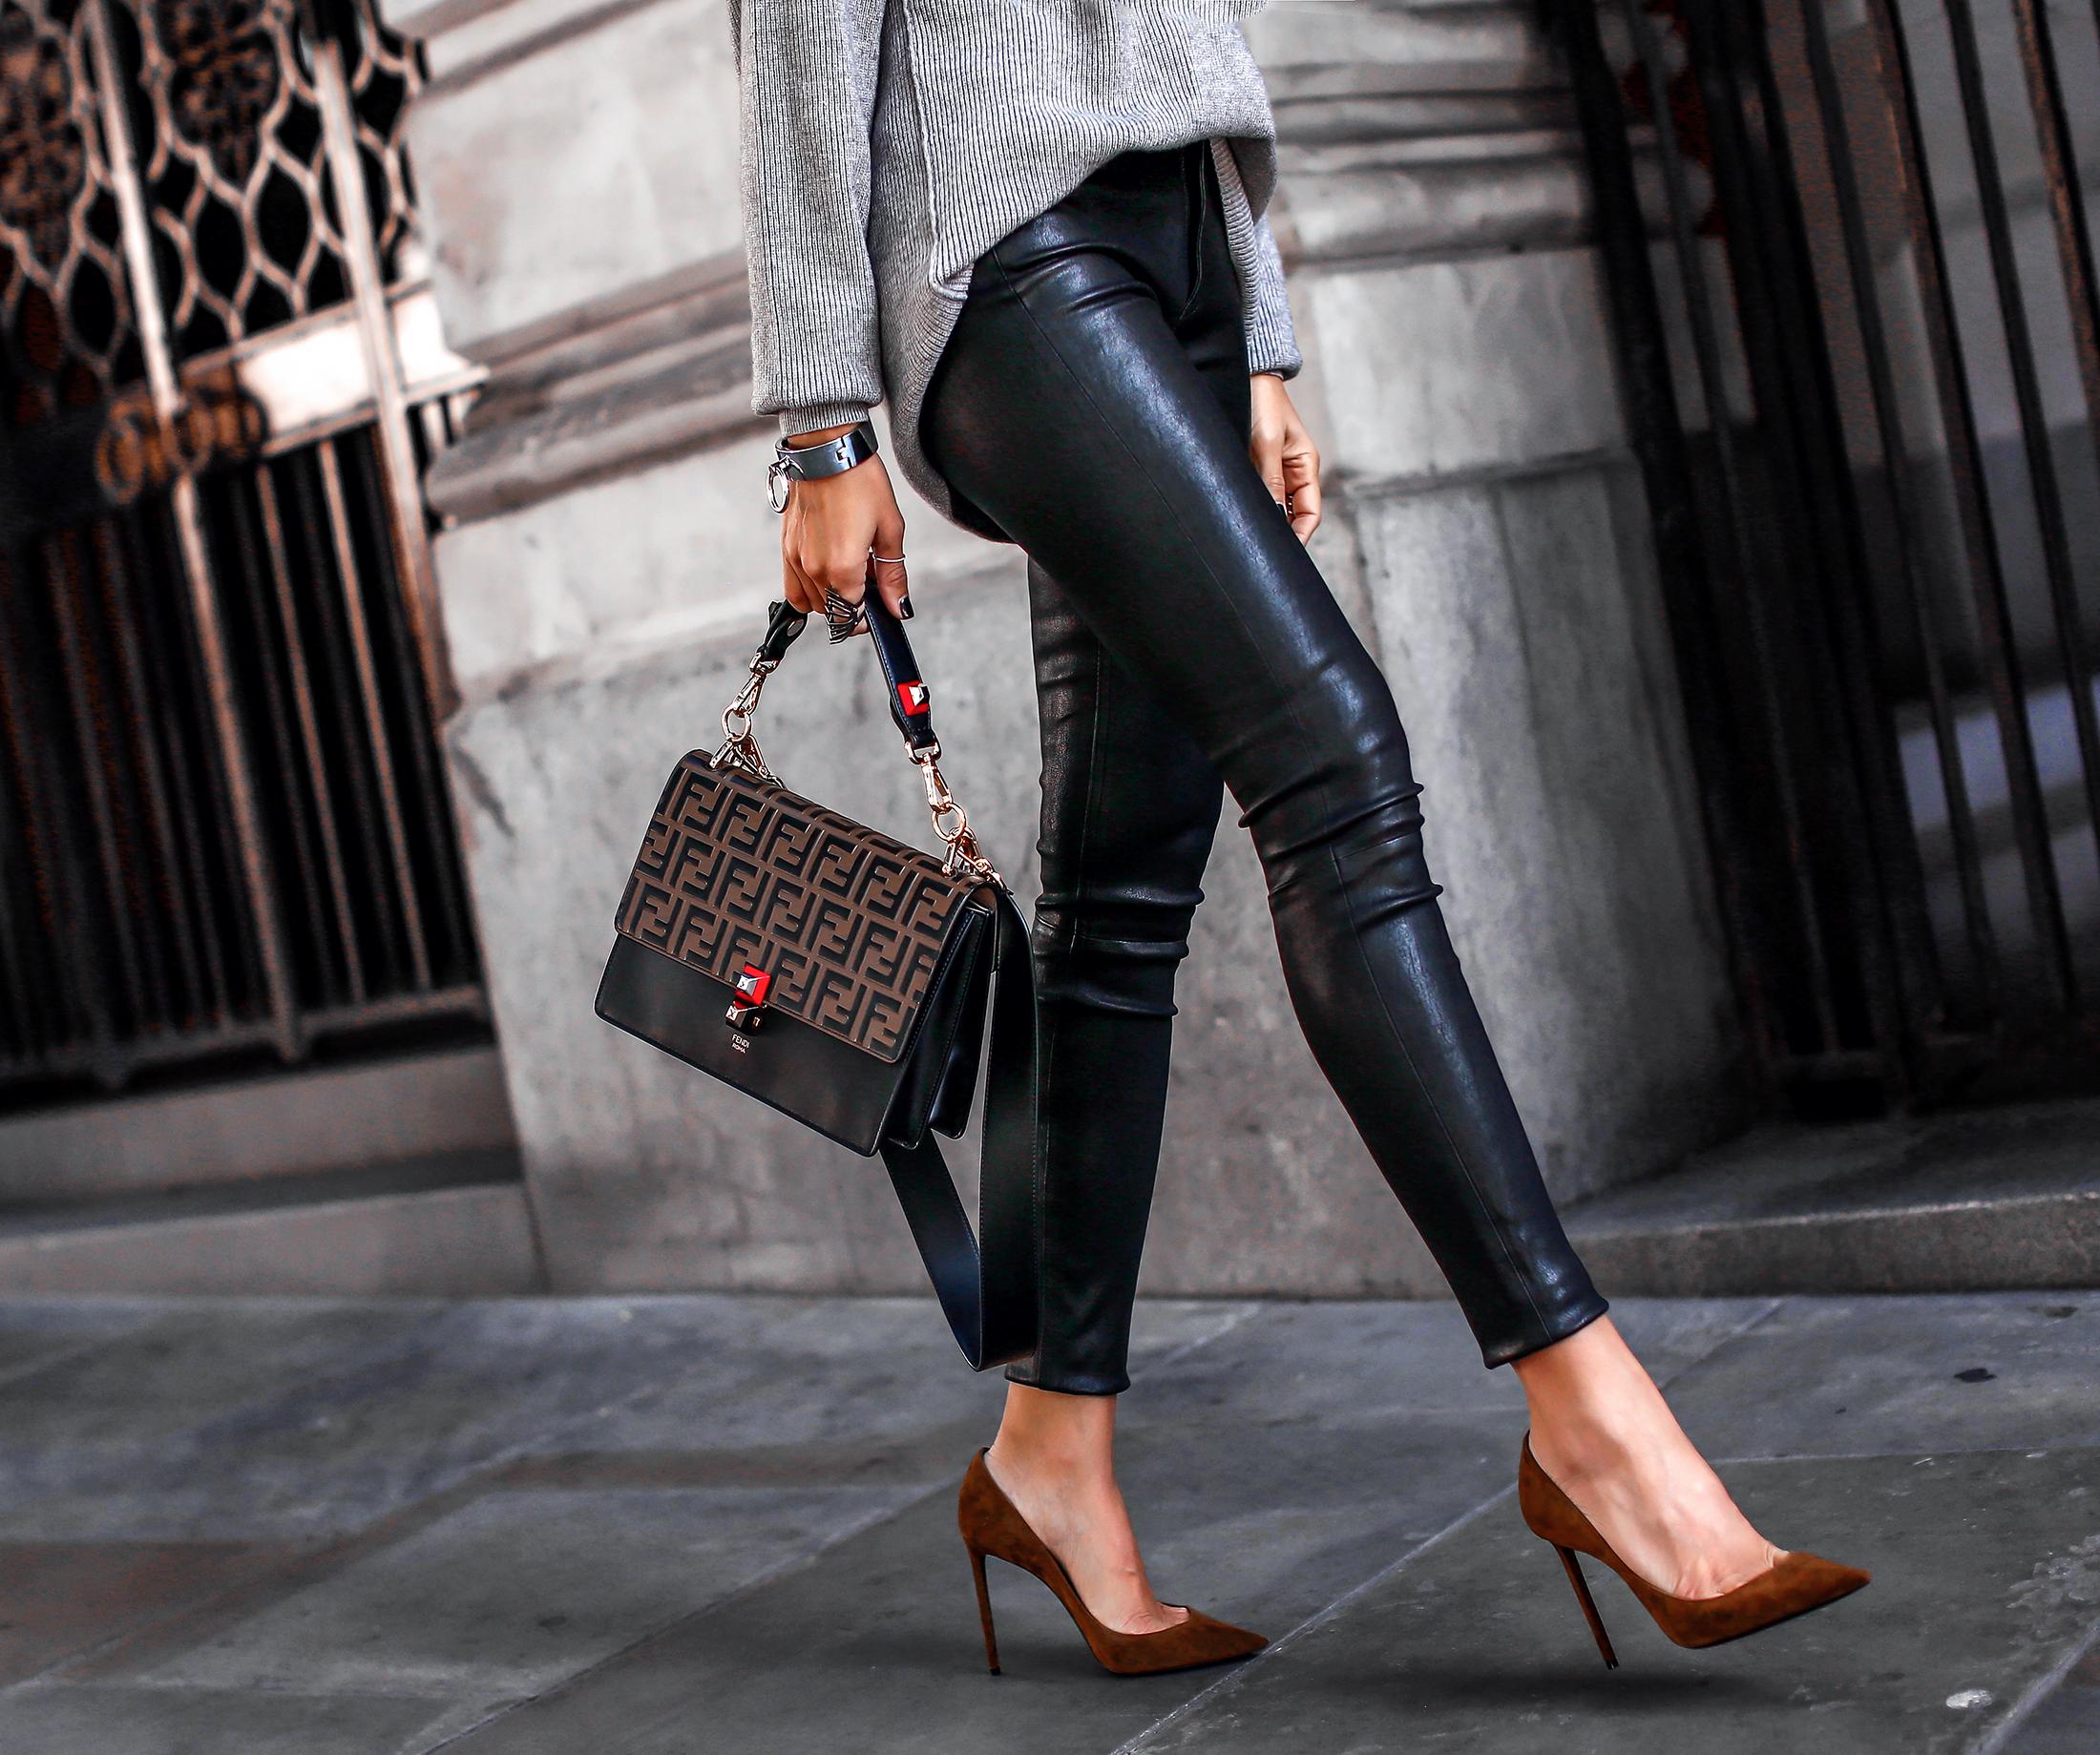 Walking Legs in Leather Pants